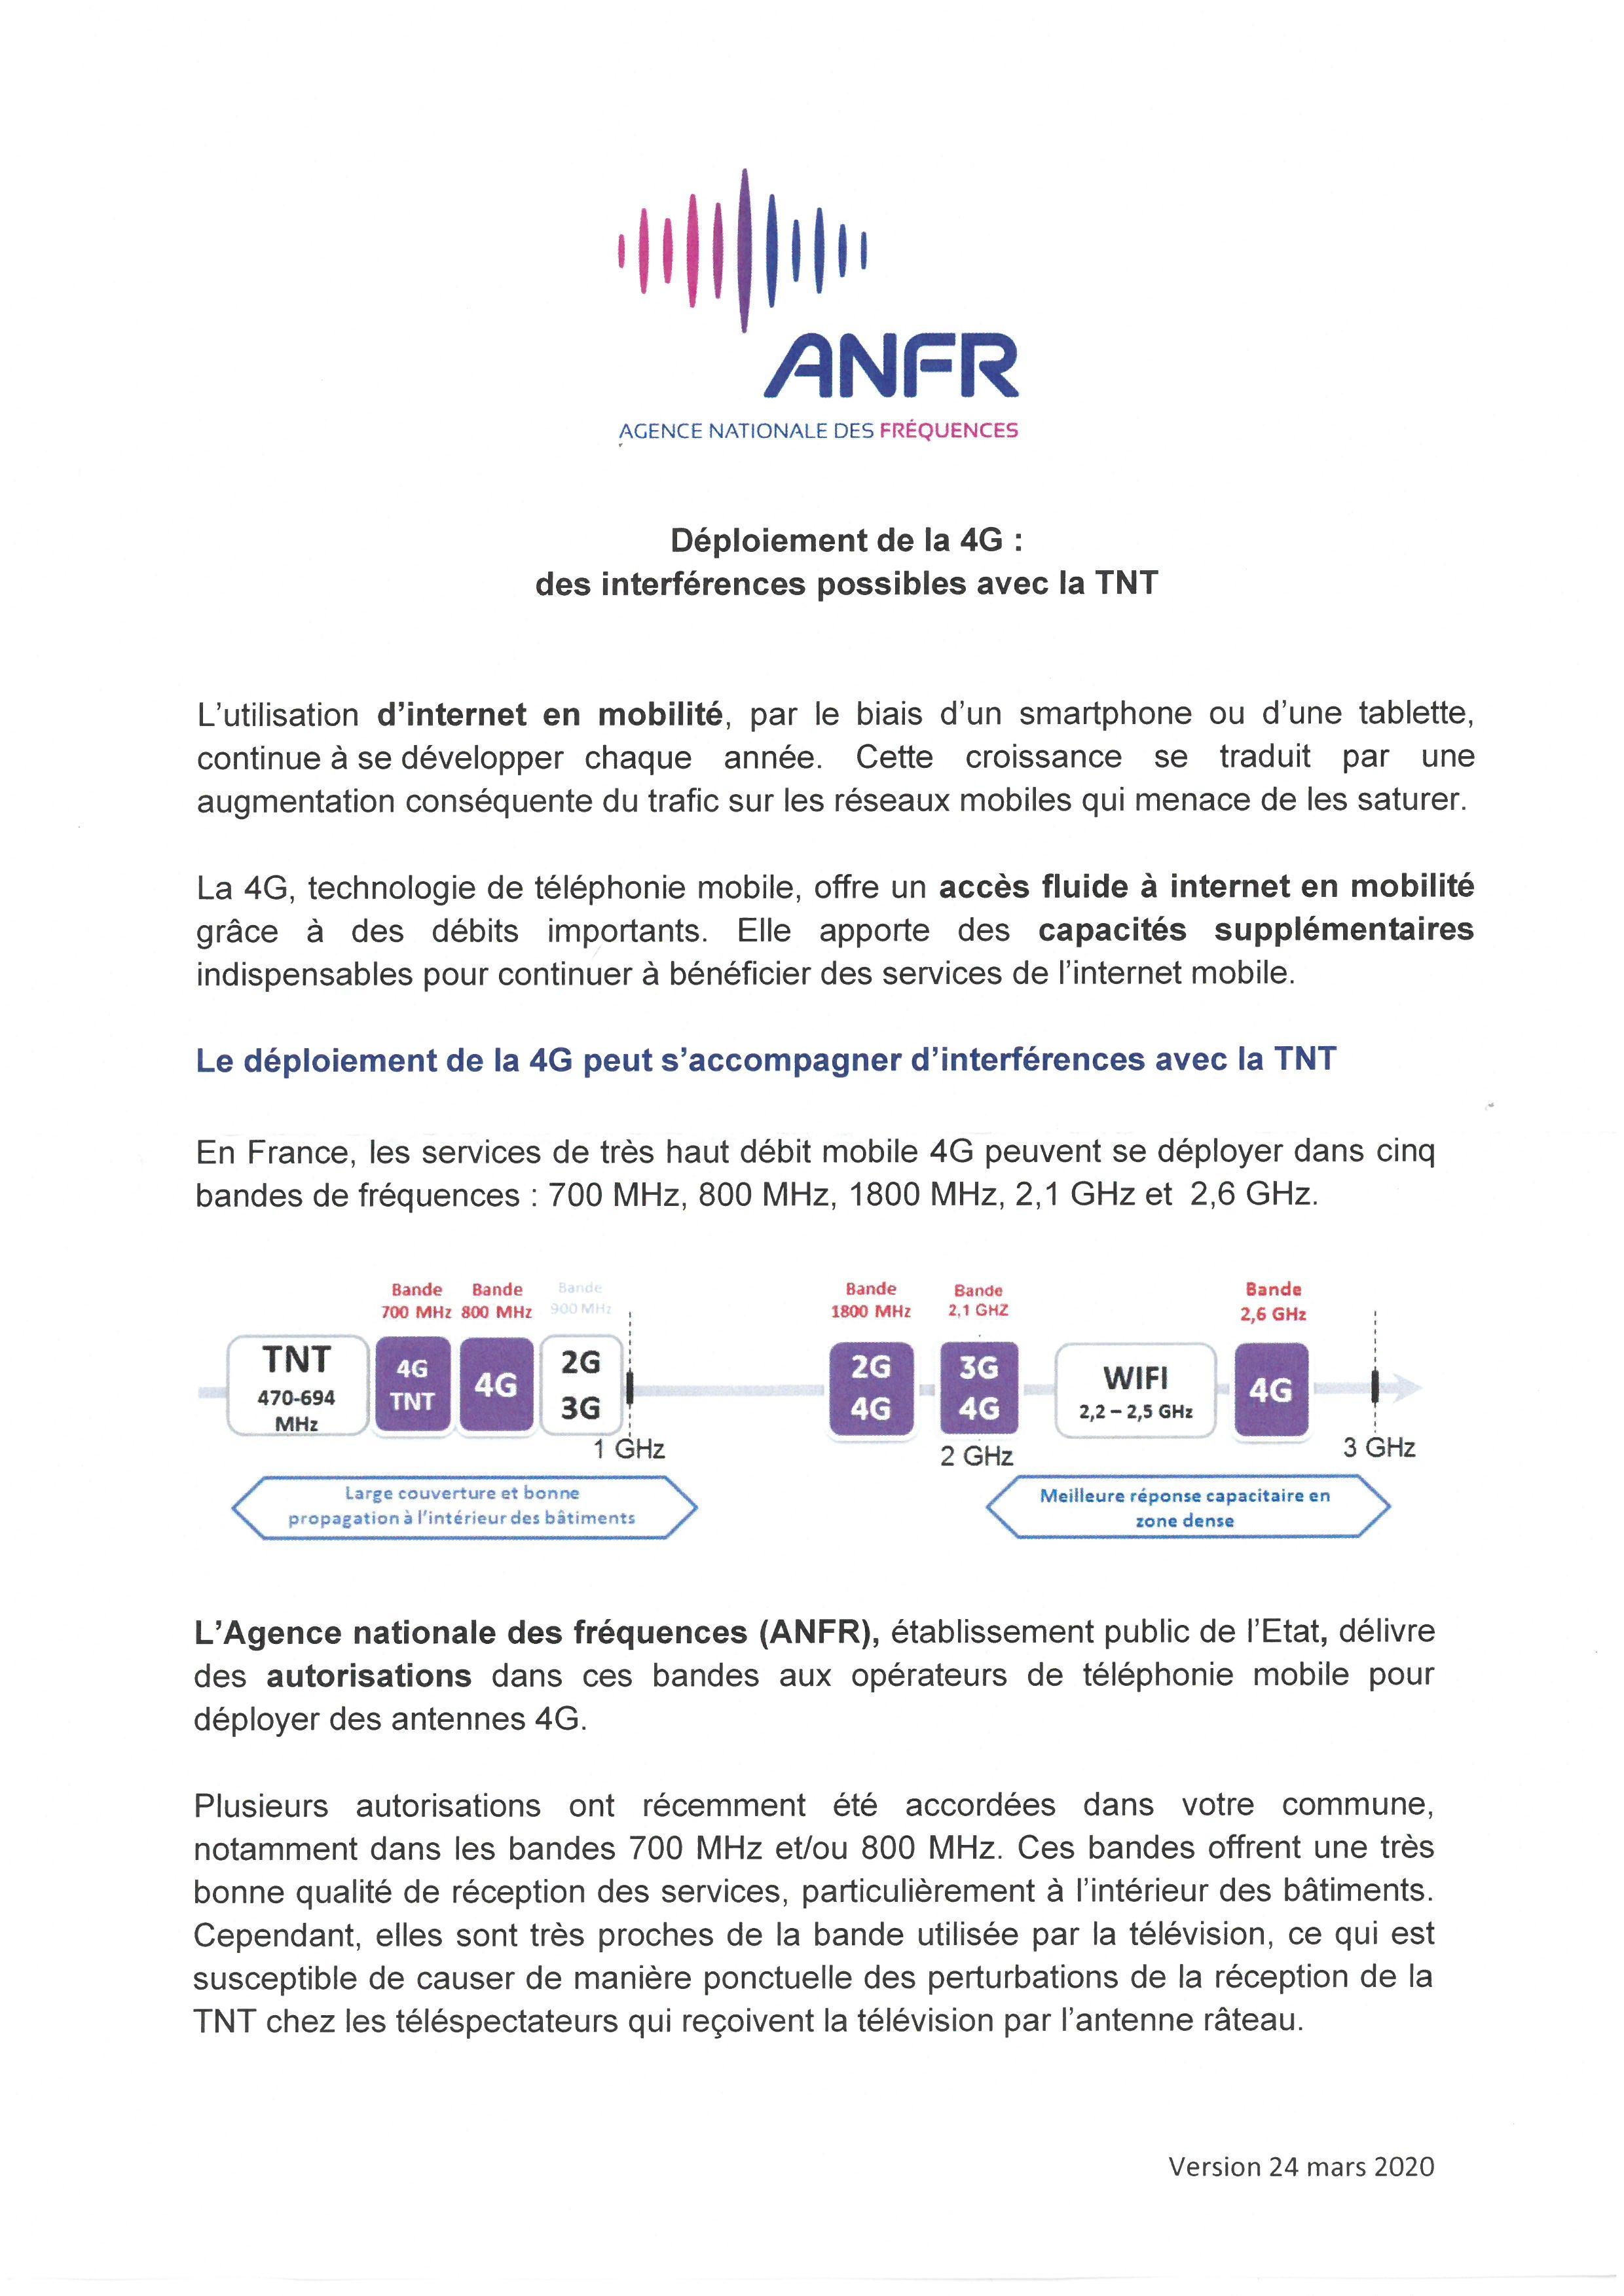 ANFR_Déploiement4G_1_.jpg